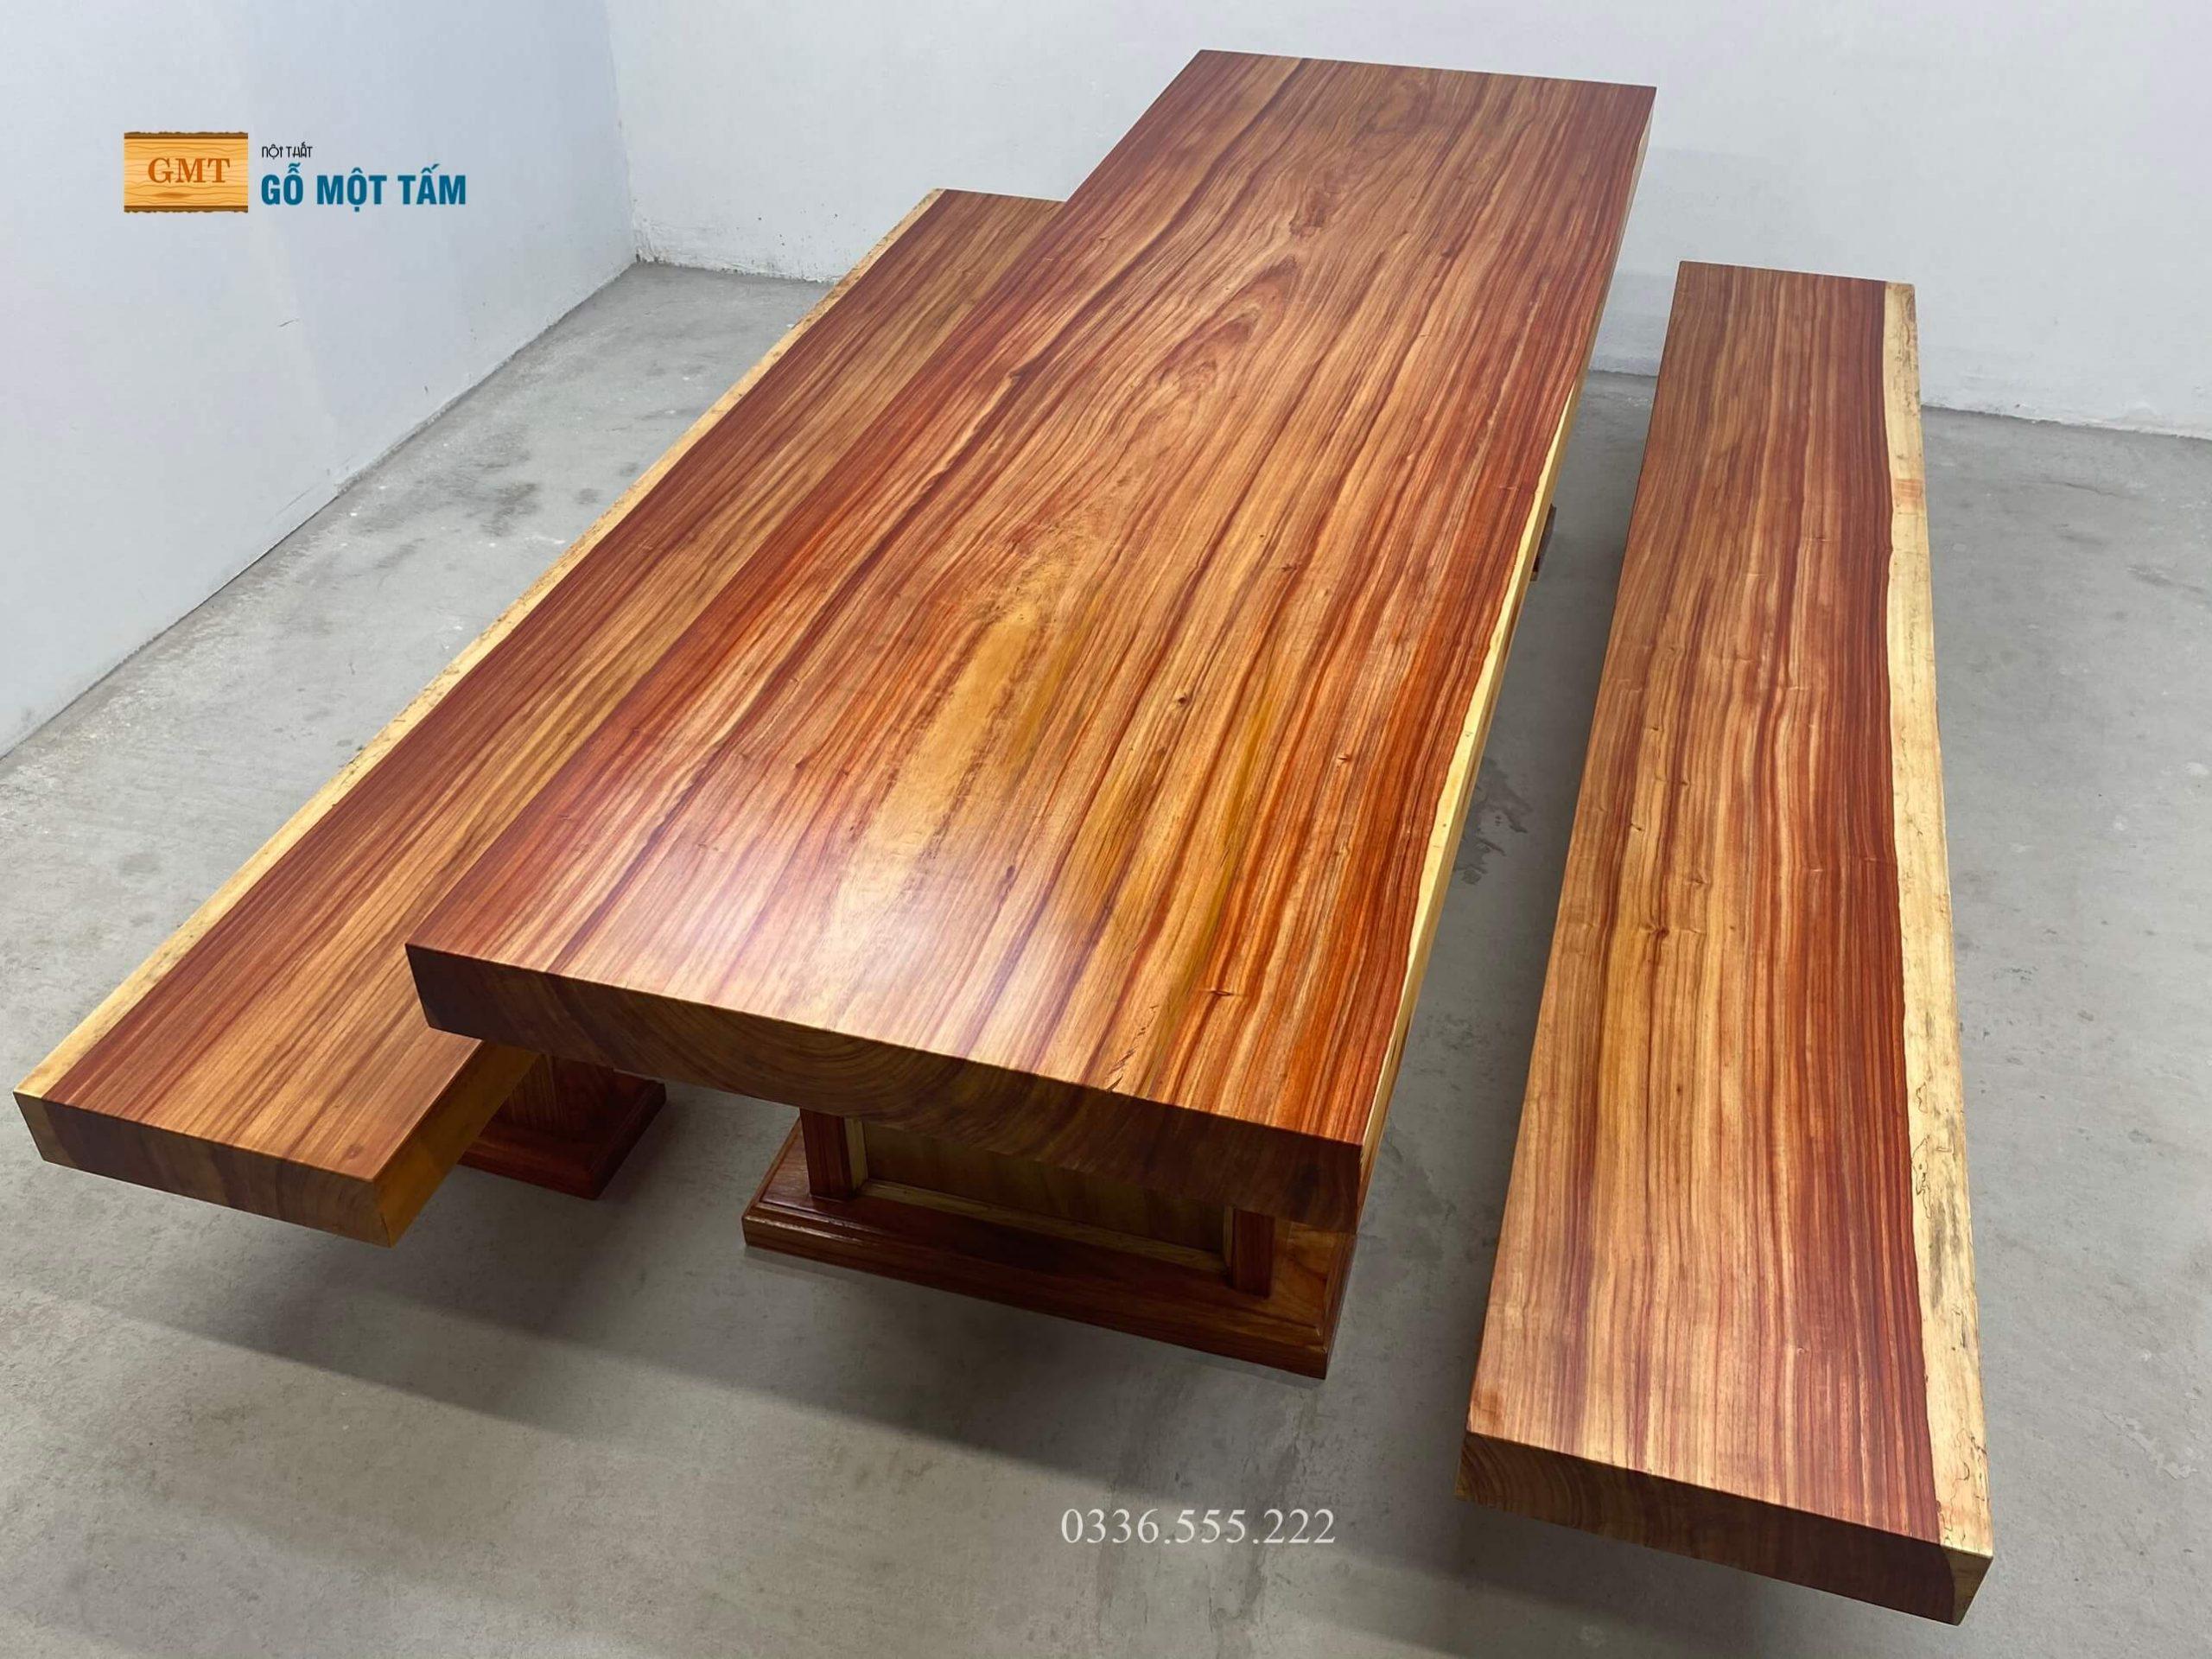 bộ bàn gỗ hương đỏ